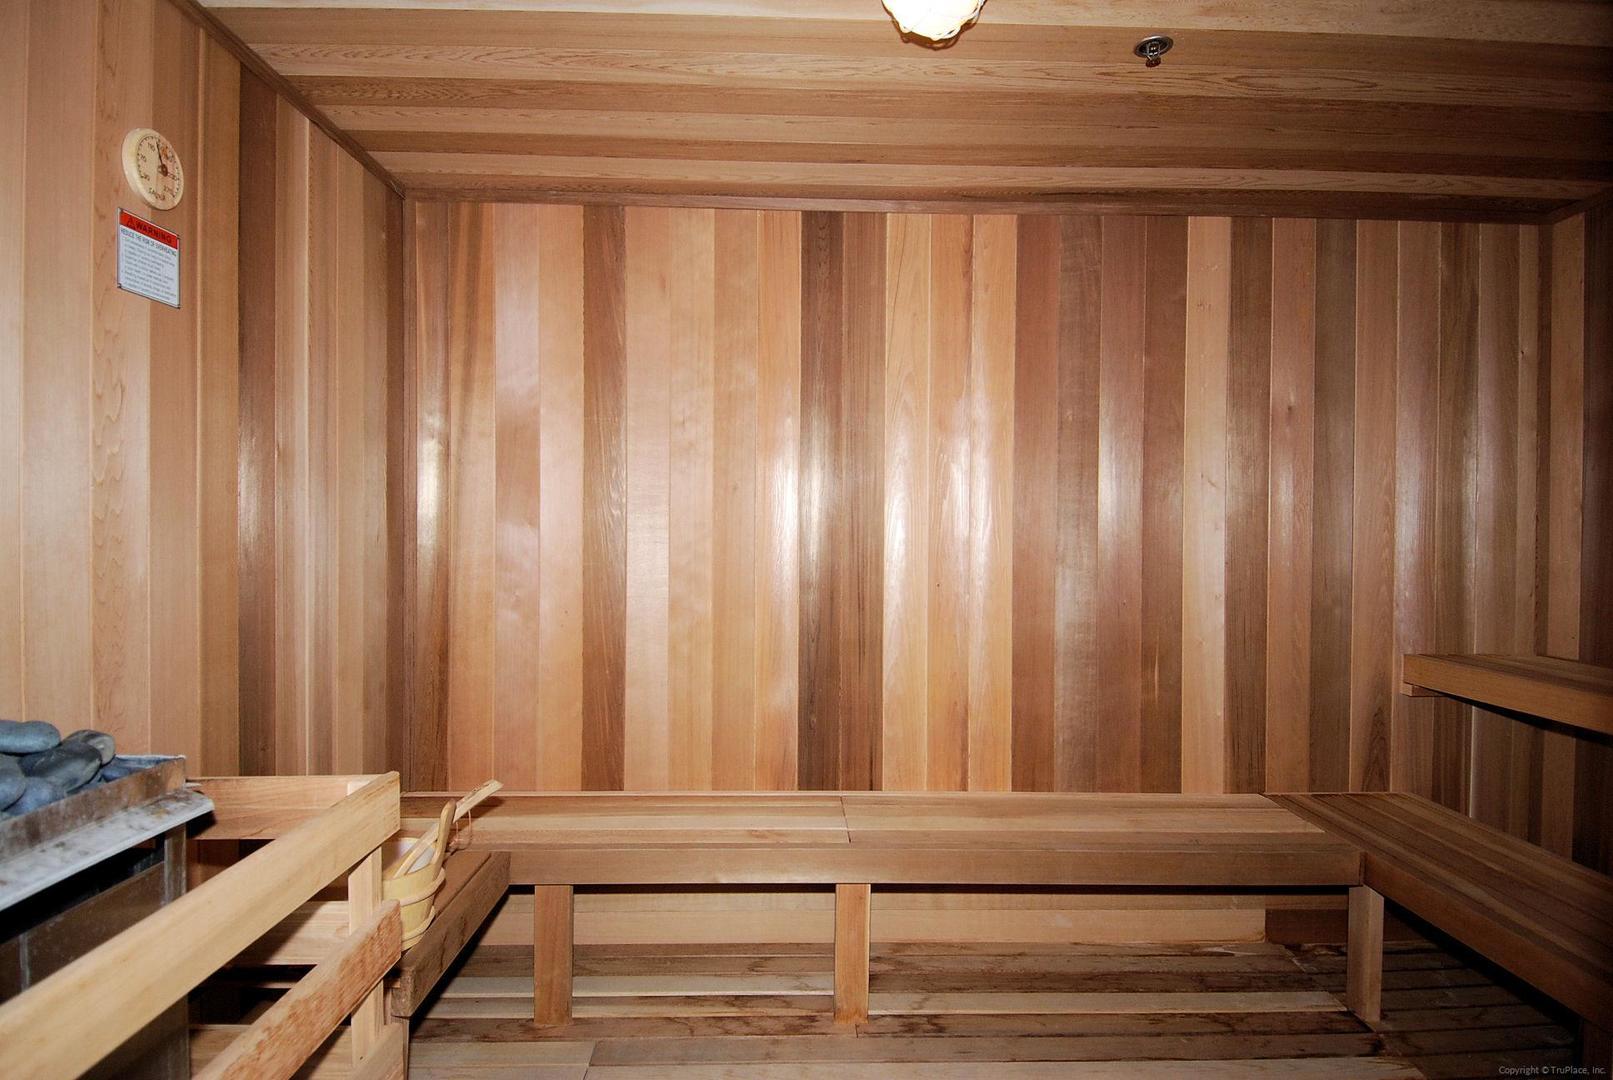 Makai Sauna